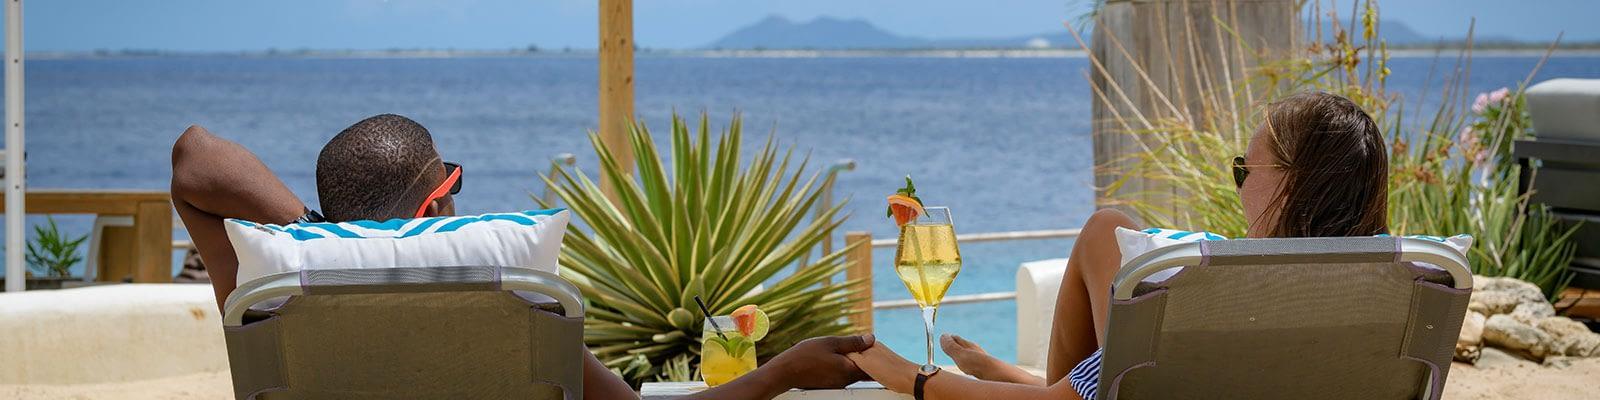 restaurant-the-beach-bonaire_slider-image-5